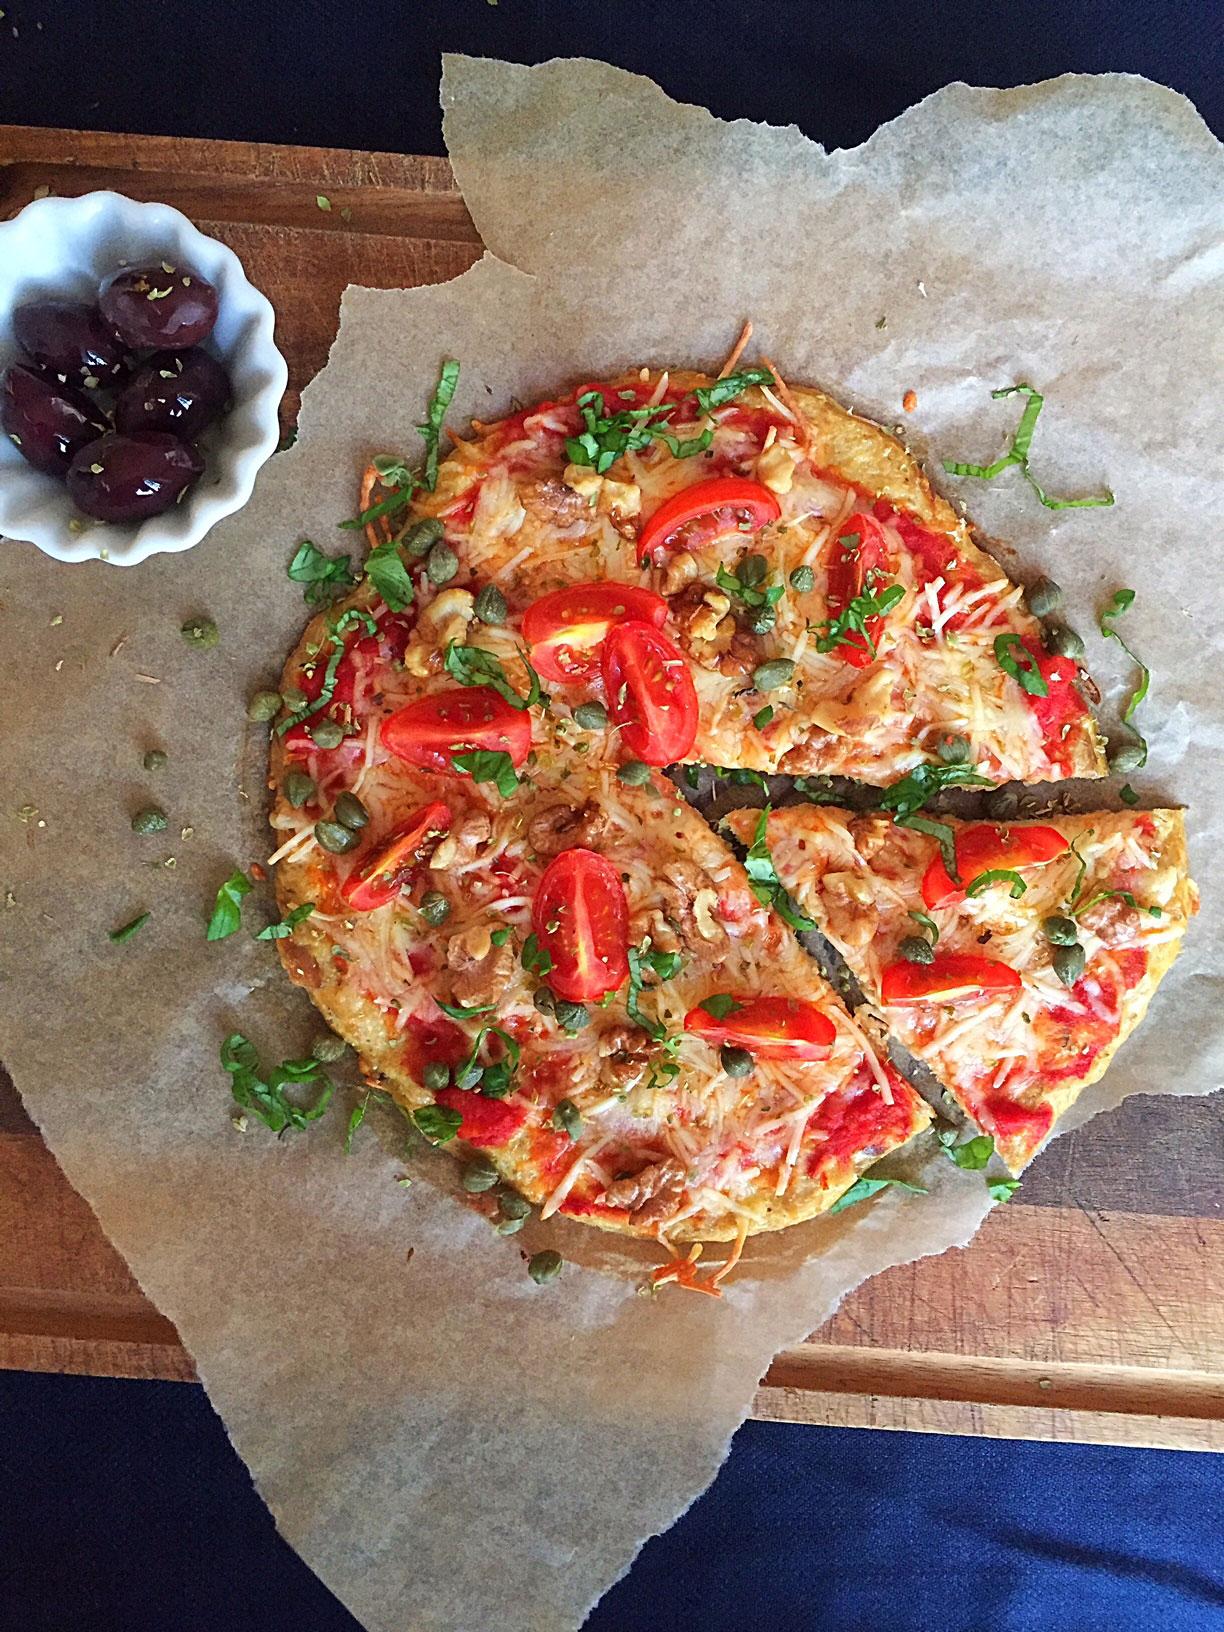 Tun-pizza - opskrift på low carb pizza med super smag og fast bund. --> Madbanditten.dk